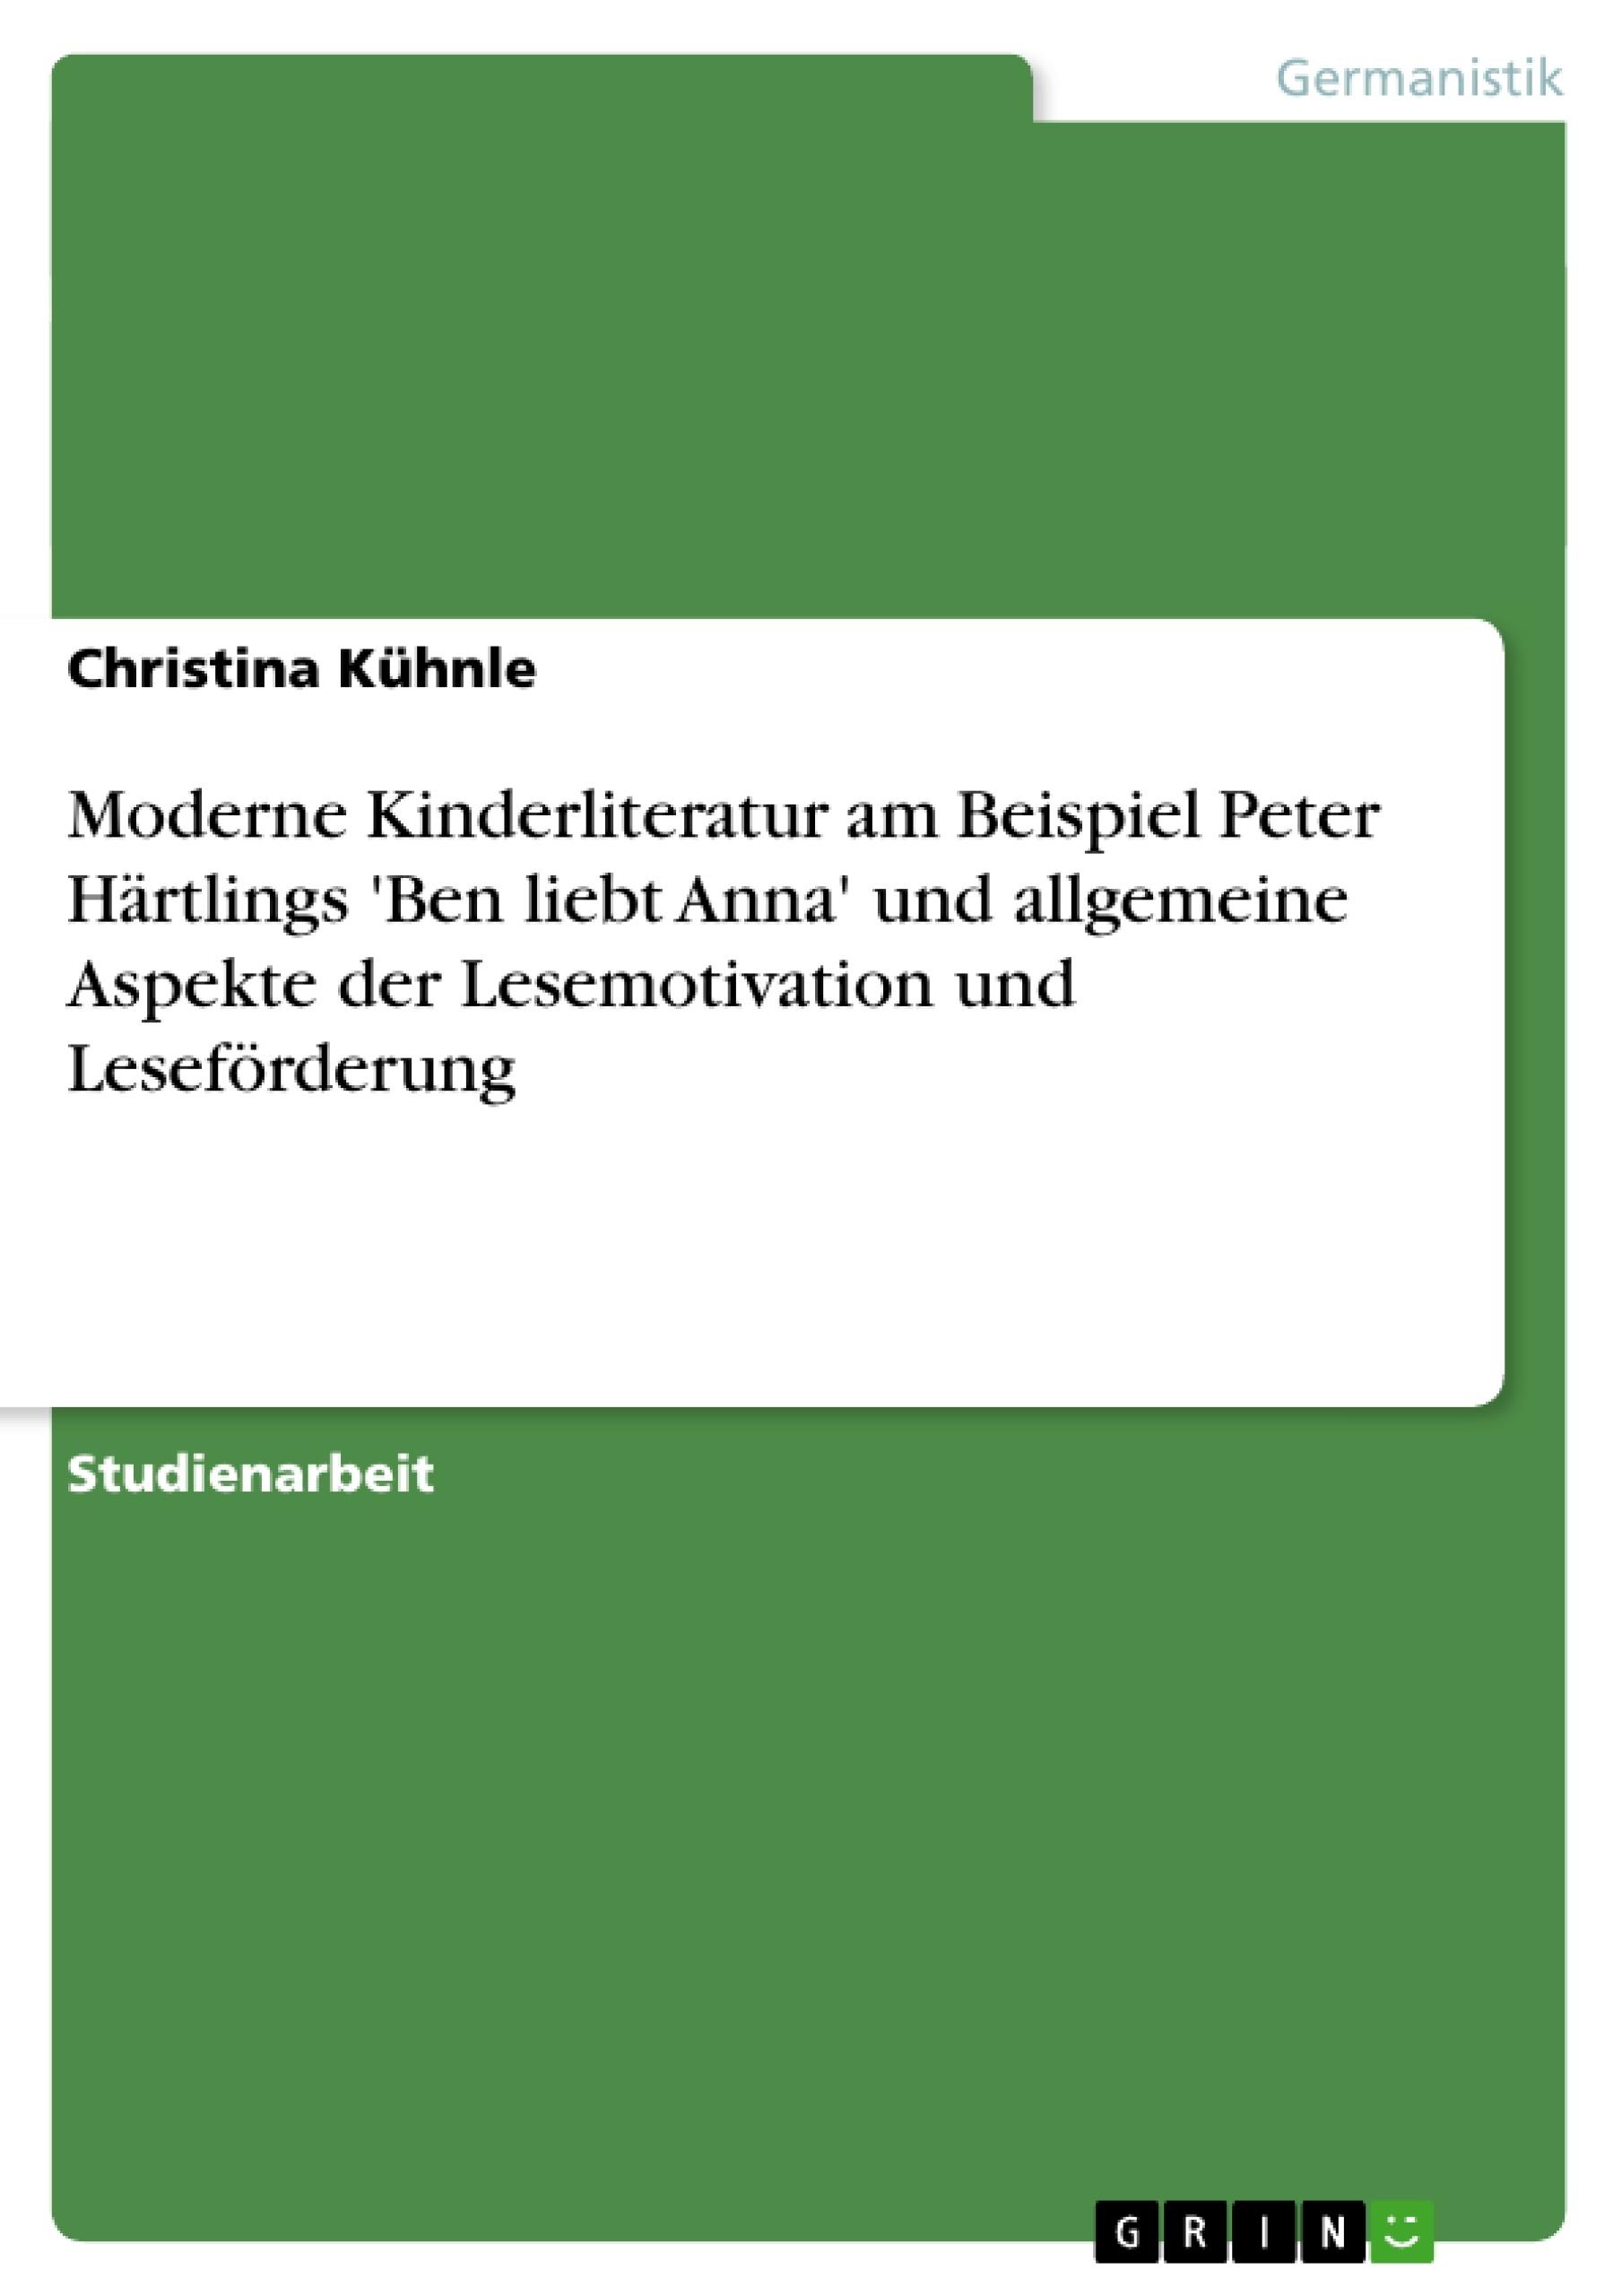 Titel: Moderne Kinderliteratur am Beispiel Peter Härtlings 'Ben liebt Anna' und allgemeine Aspekte der Lesemotivation und Leseförderung